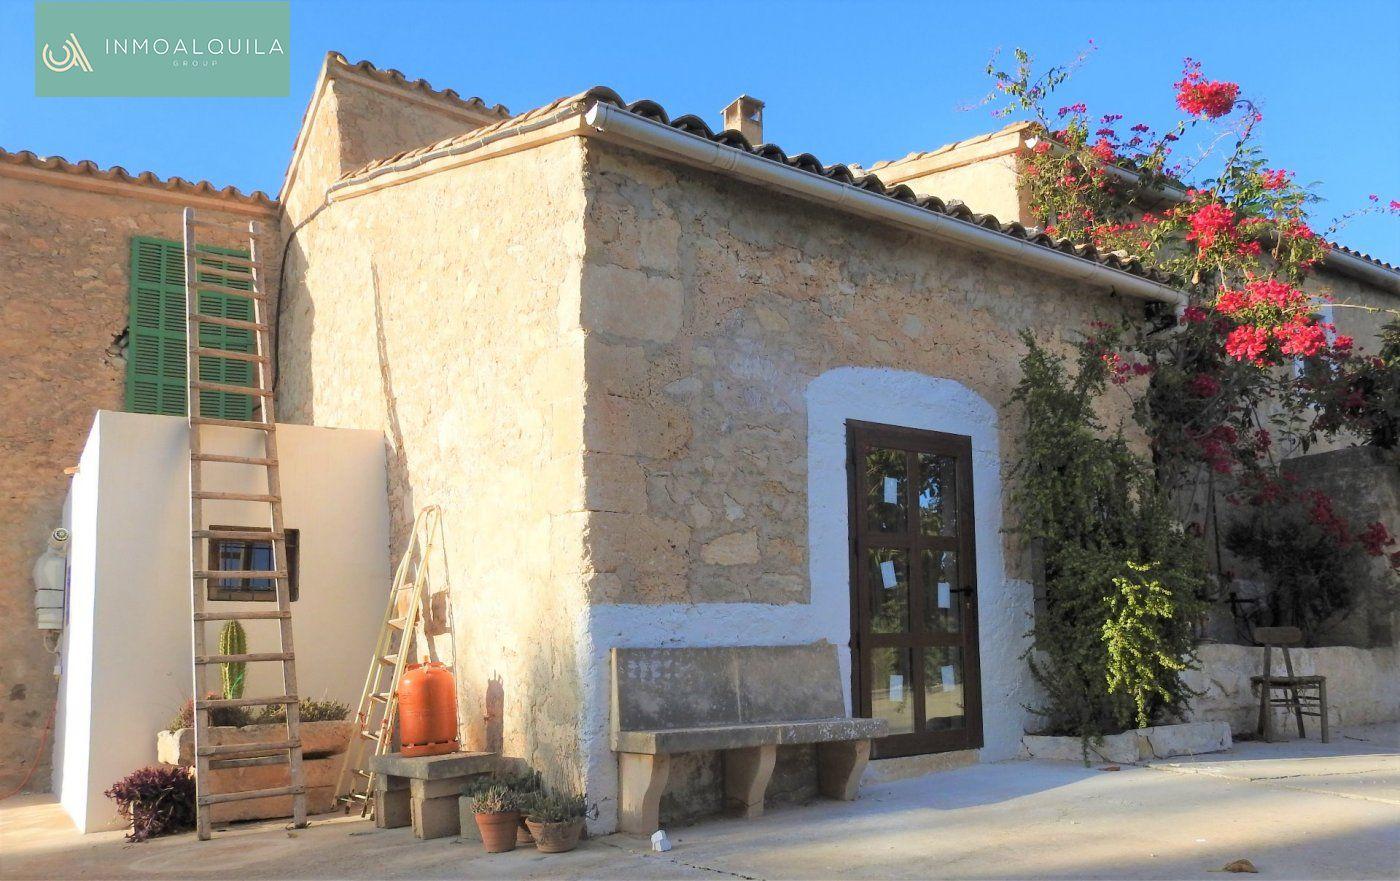 Location Maison  Llubí ,llubi. Casa de campo entre llubi y muro. 1hab, 1baño, vistas despejadas